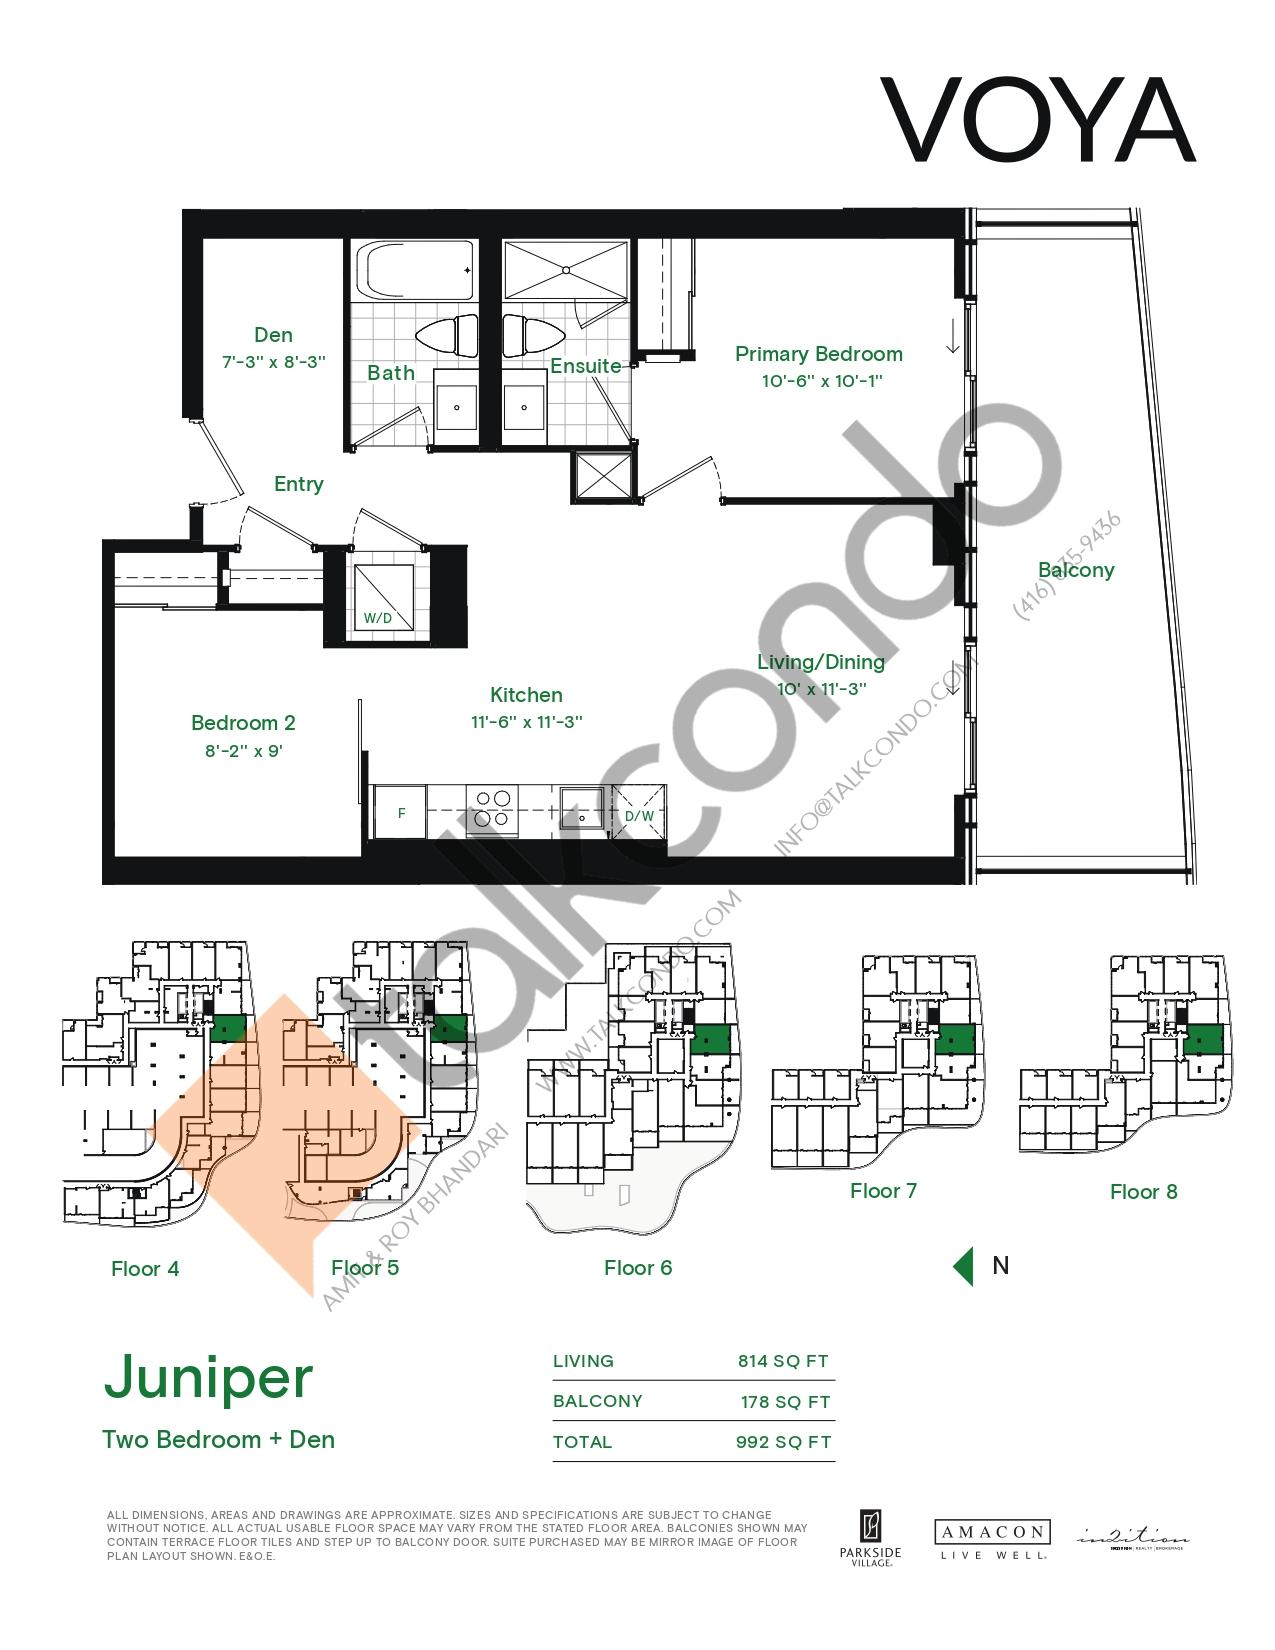 Juniper Floor Plan at Voya at Parkside Village Condos - 814 sq.ft